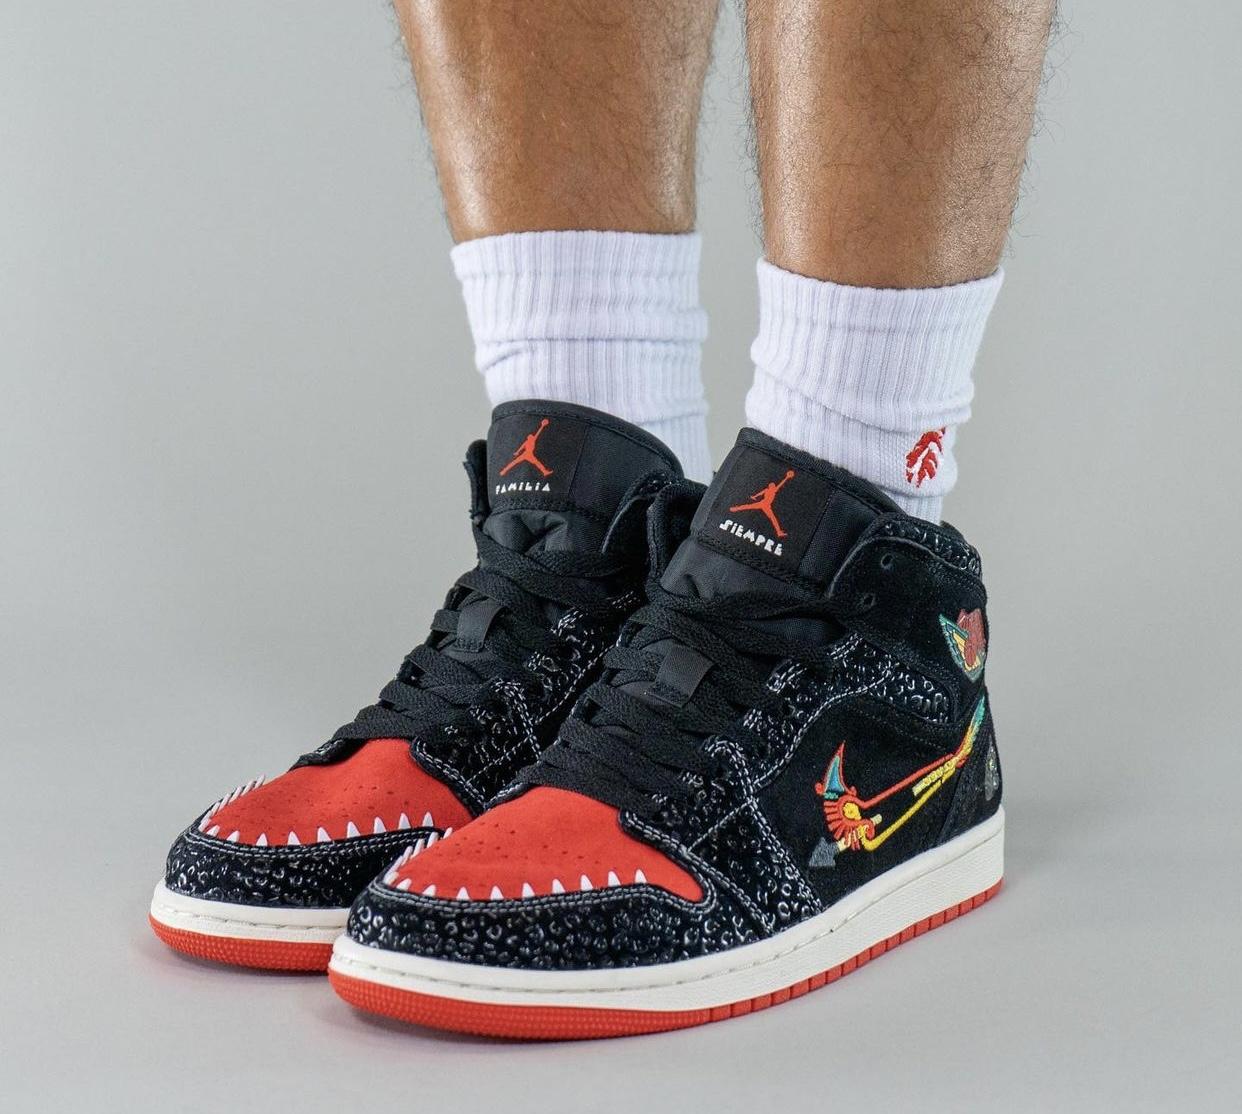 """ナイキ エアジョーダン1 ミッド """"シエンプレ ファミリア"""" Nike Air Jordan 1 Mid """"Siempre Familia"""""""